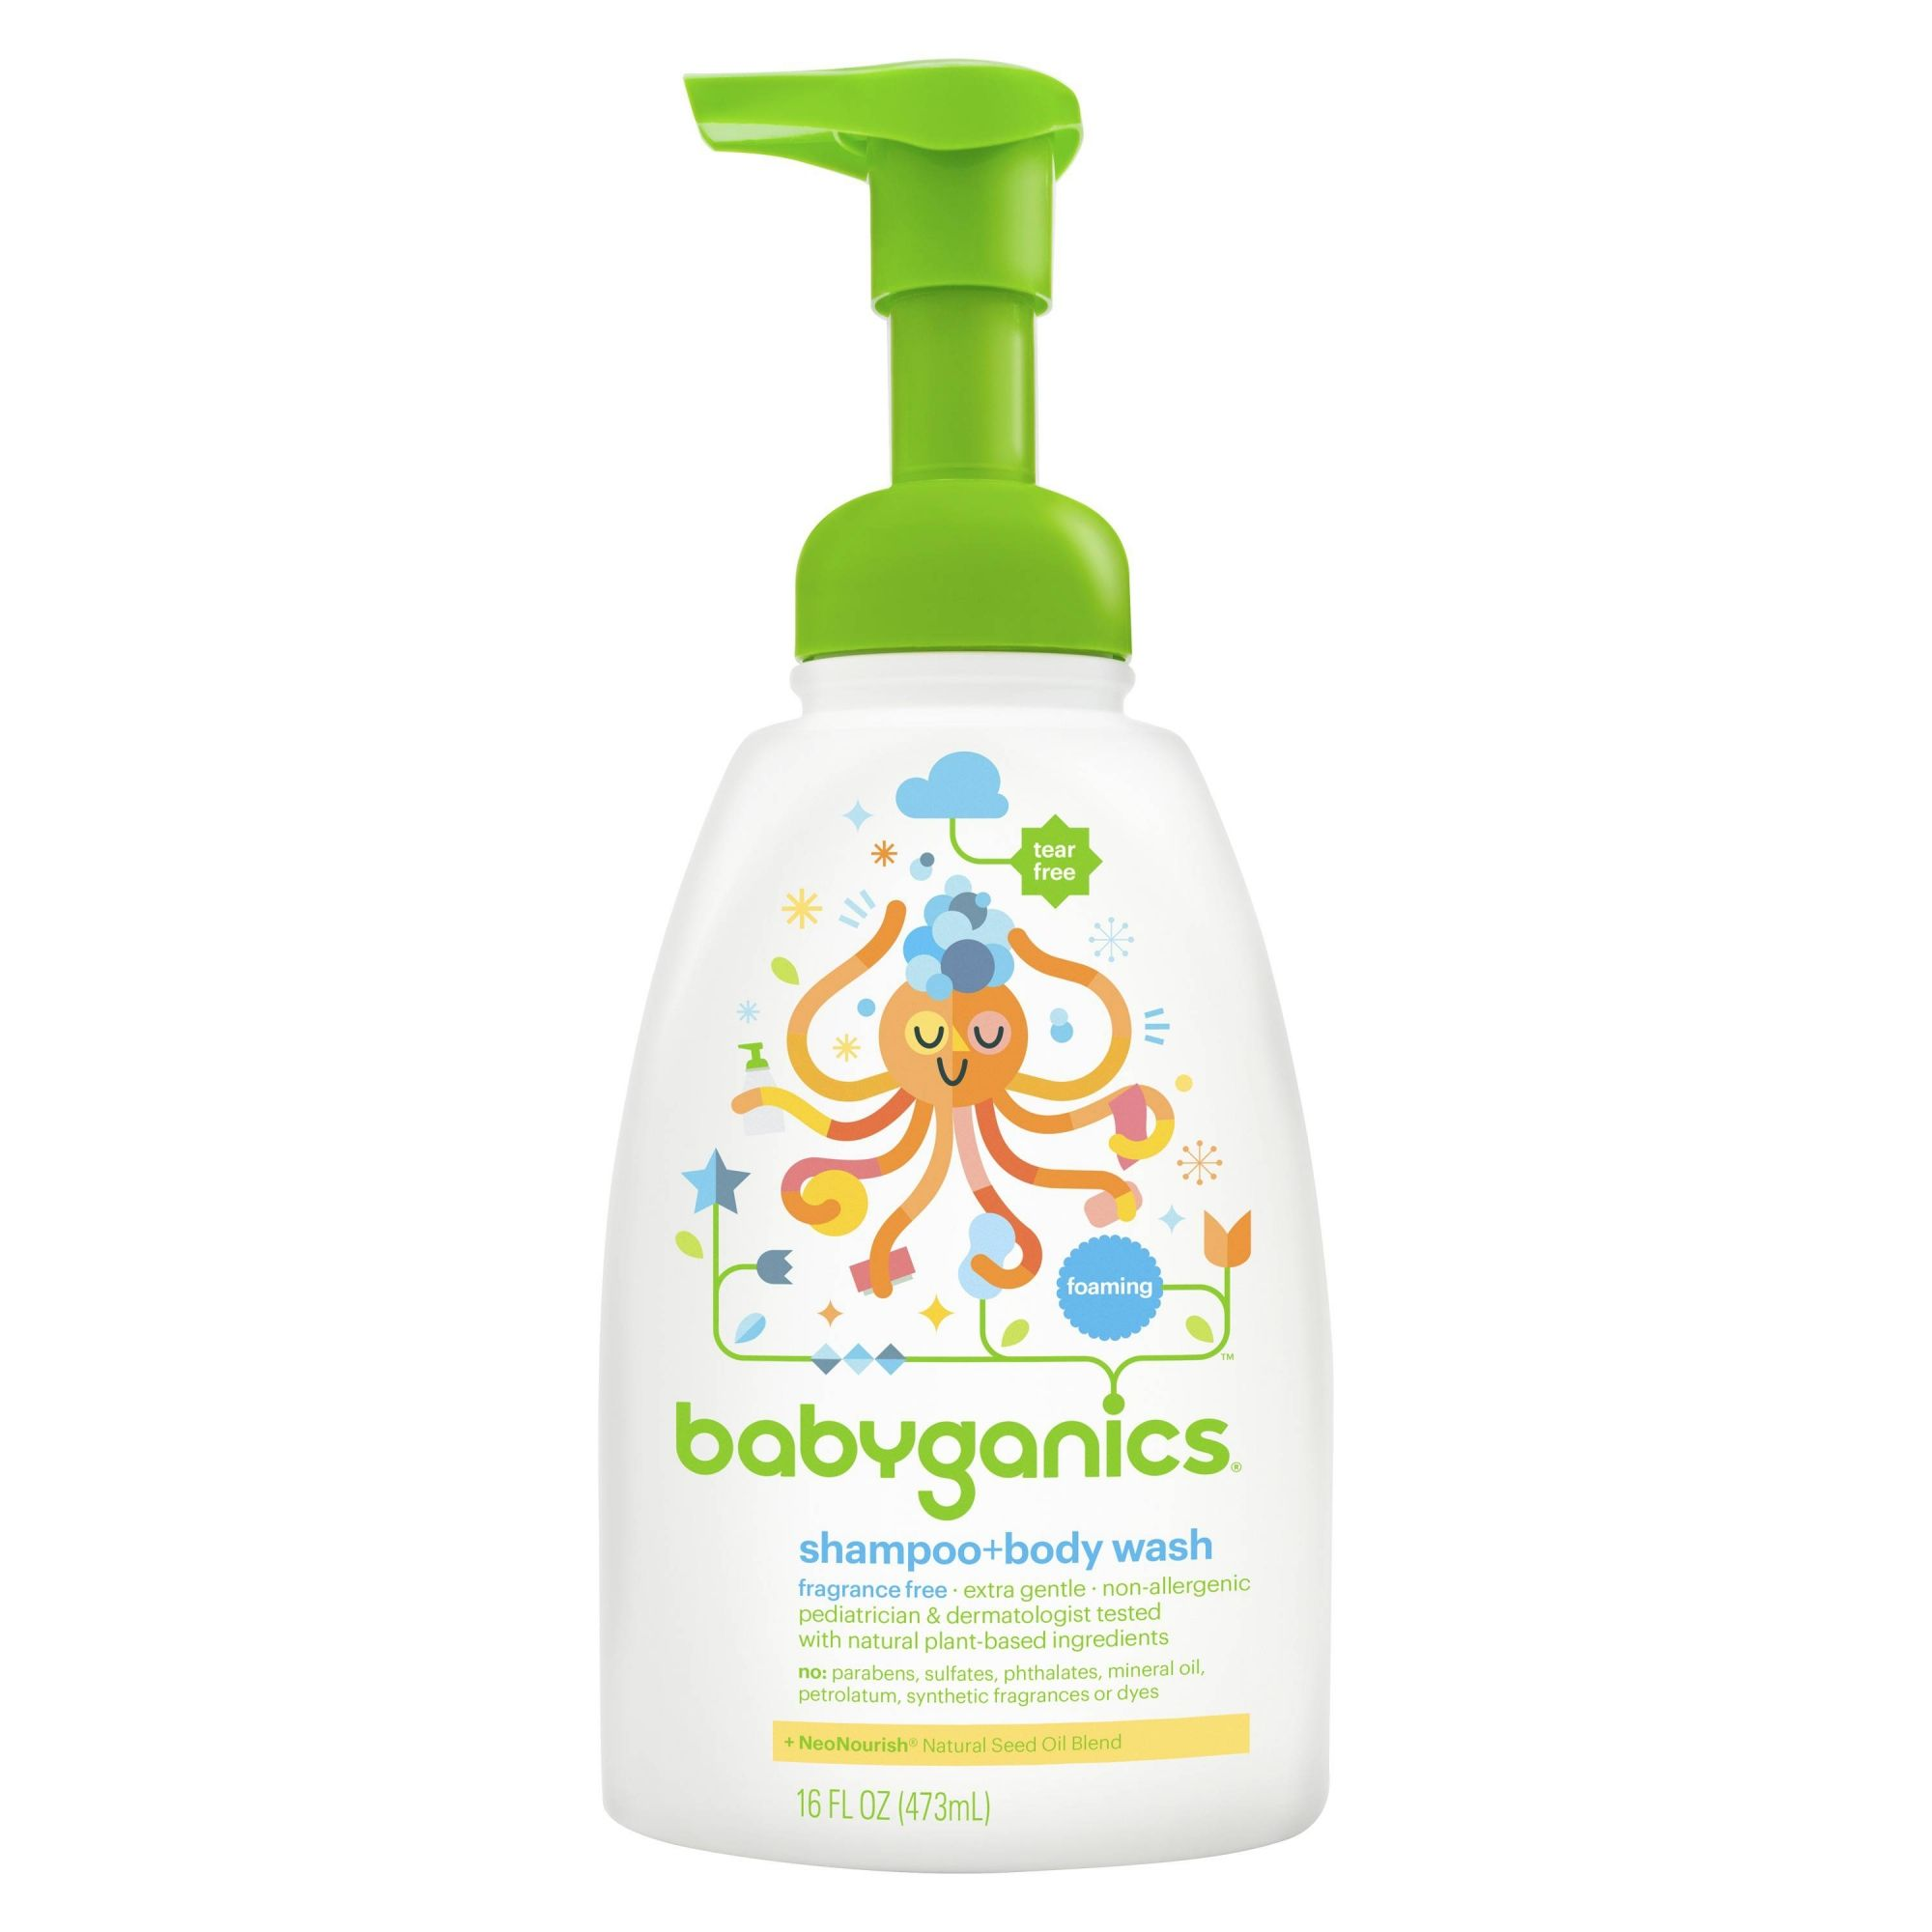 Sabonete e Shampoo sem fragrância - BabyGanics